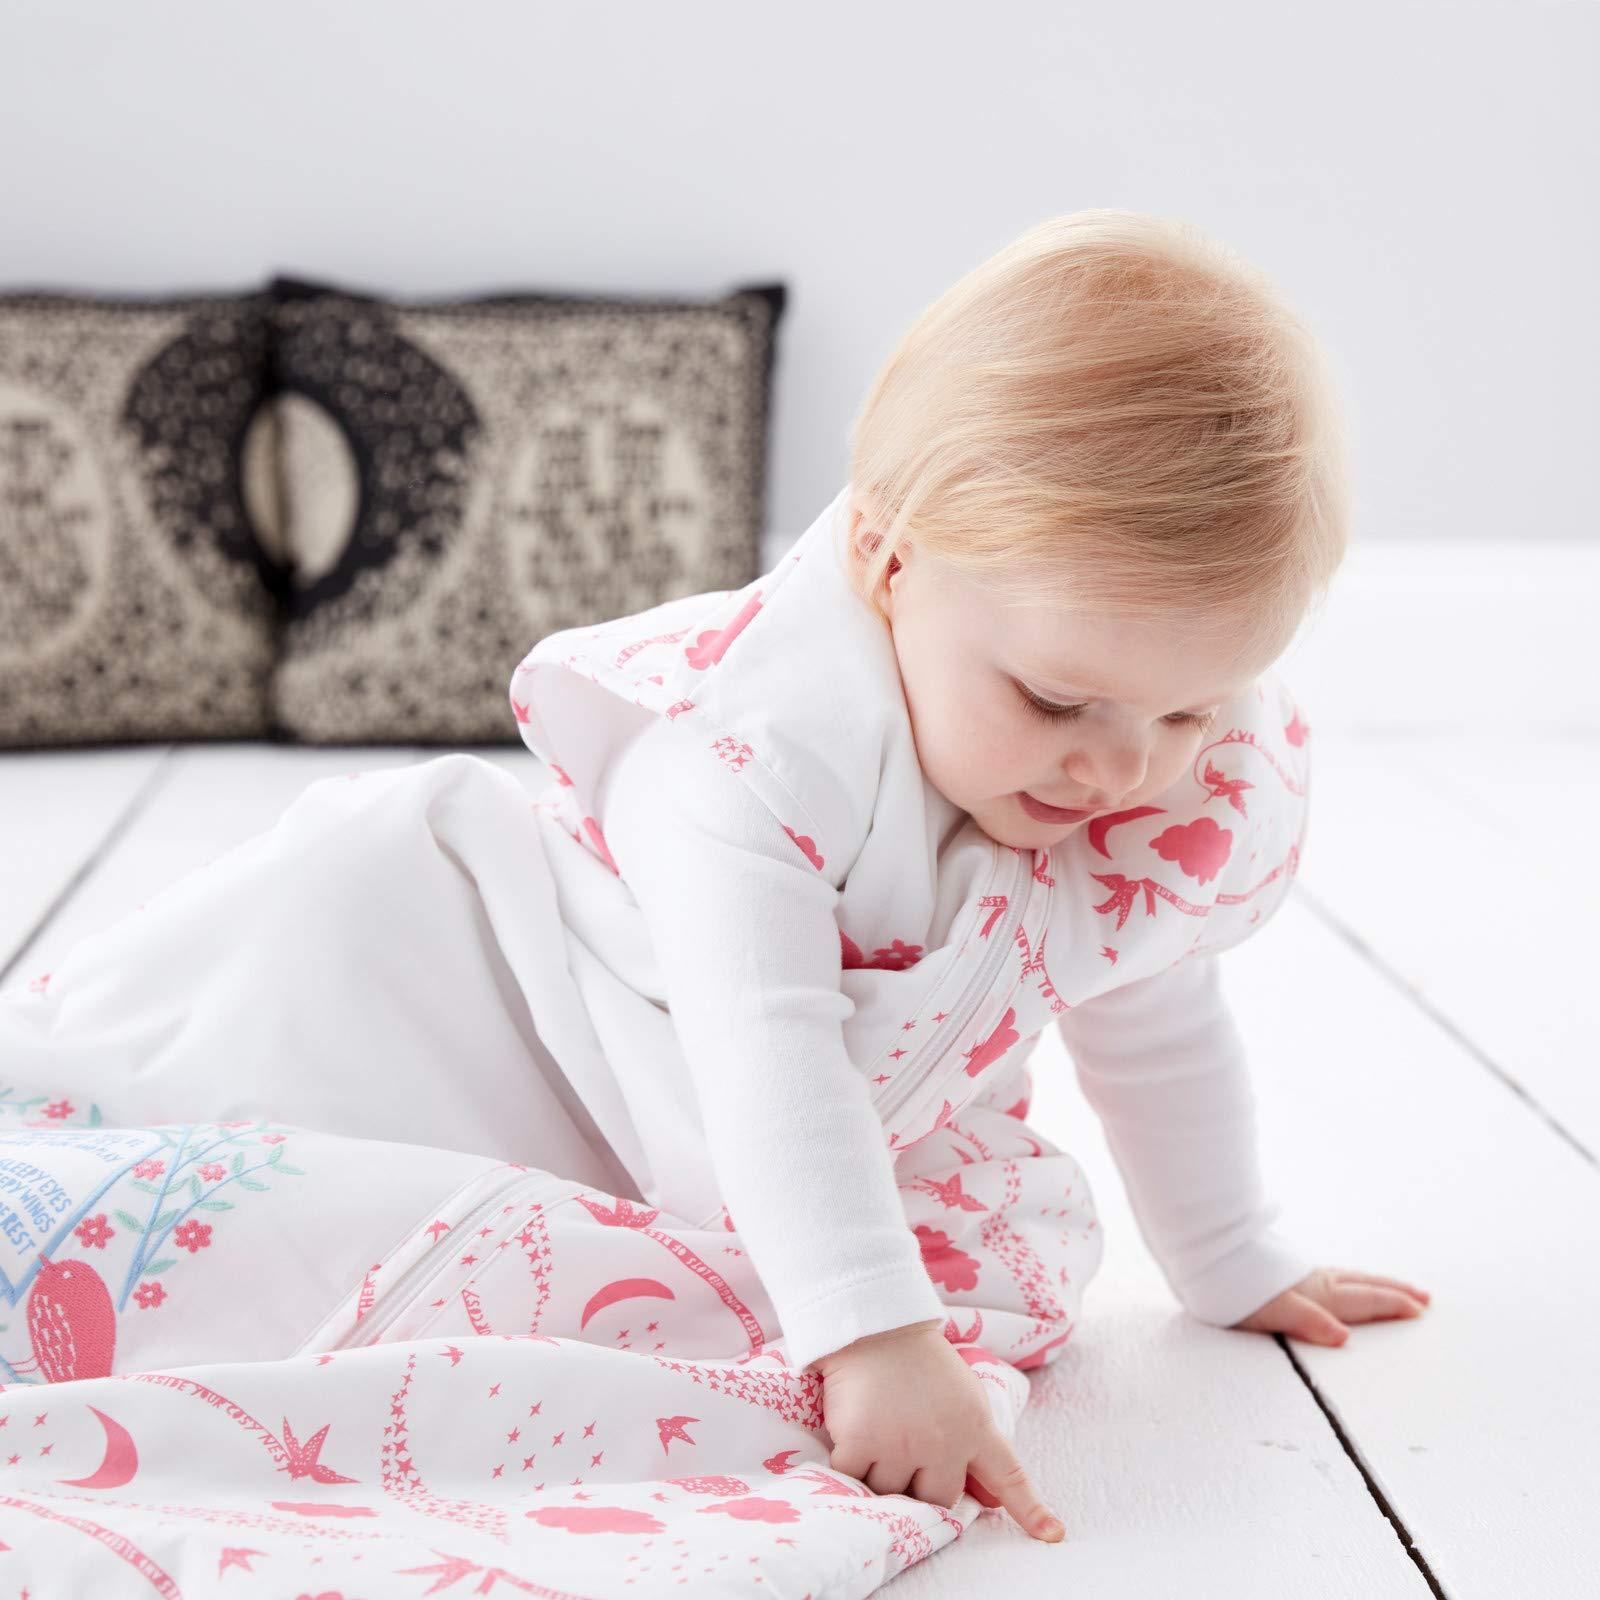 Saco de dormir 2,5 Tog, 6-18 meses Grobag Rob Ryan Spring Morning